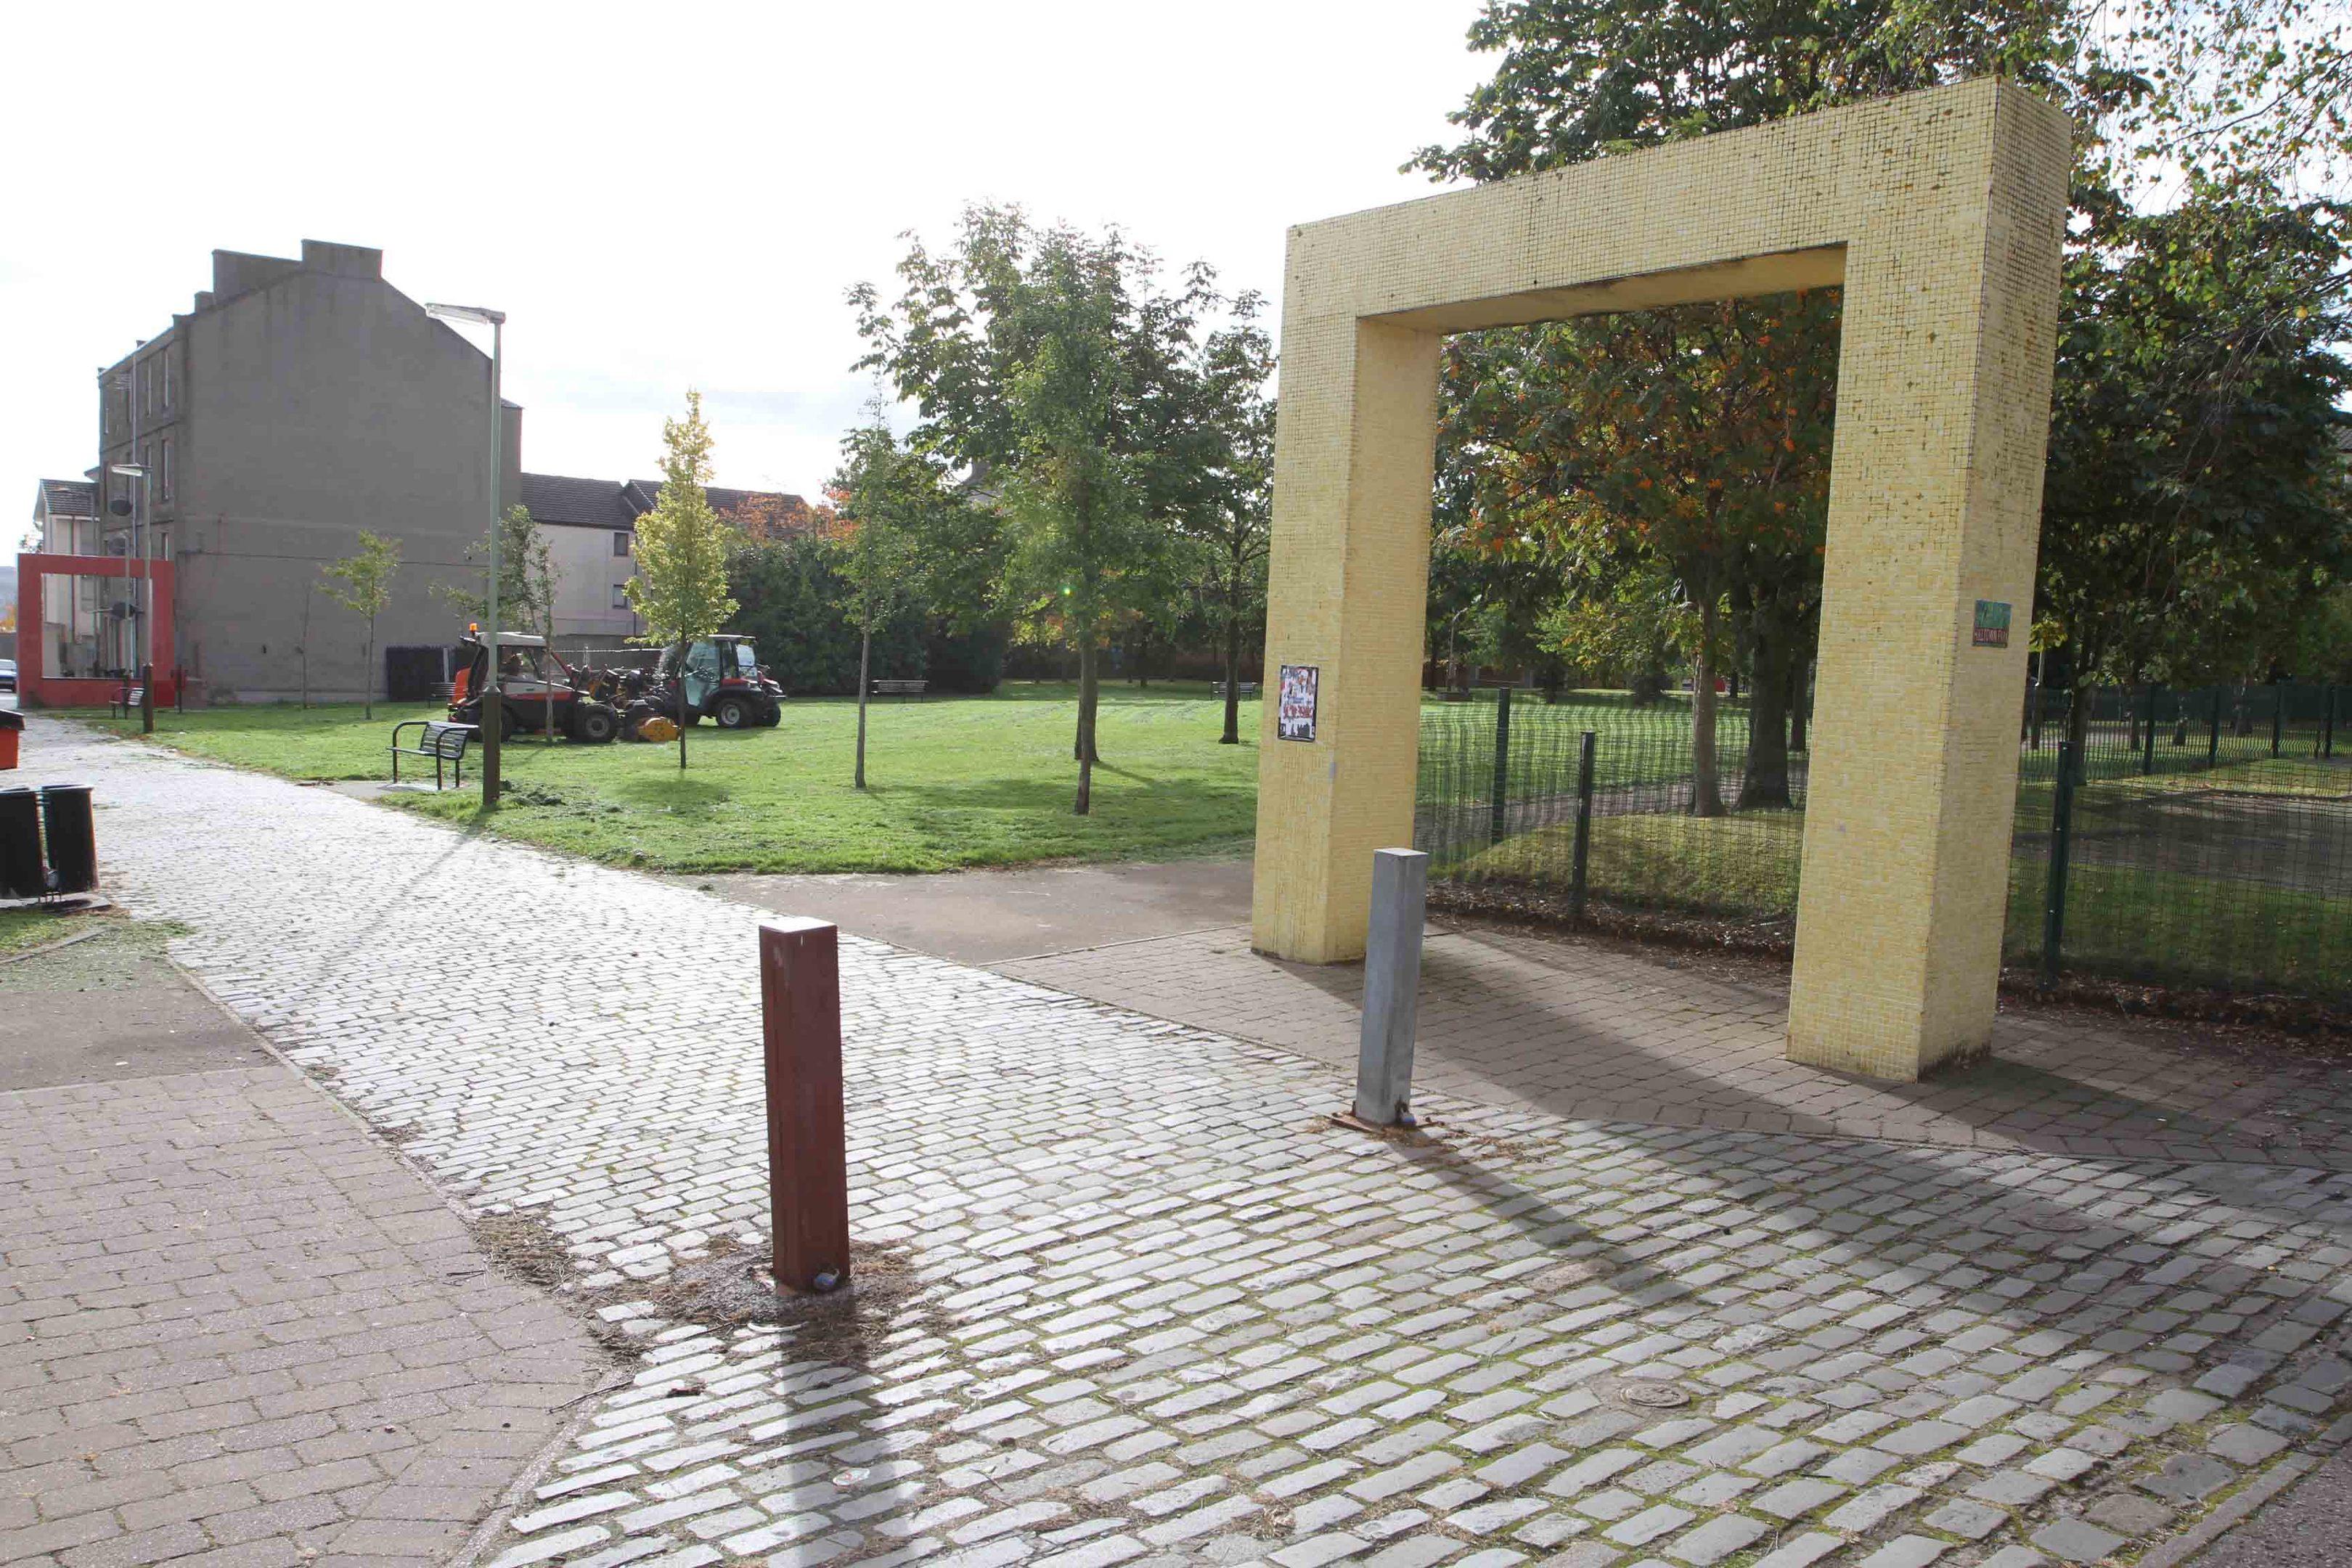 Hilltown Park, where the assault took place